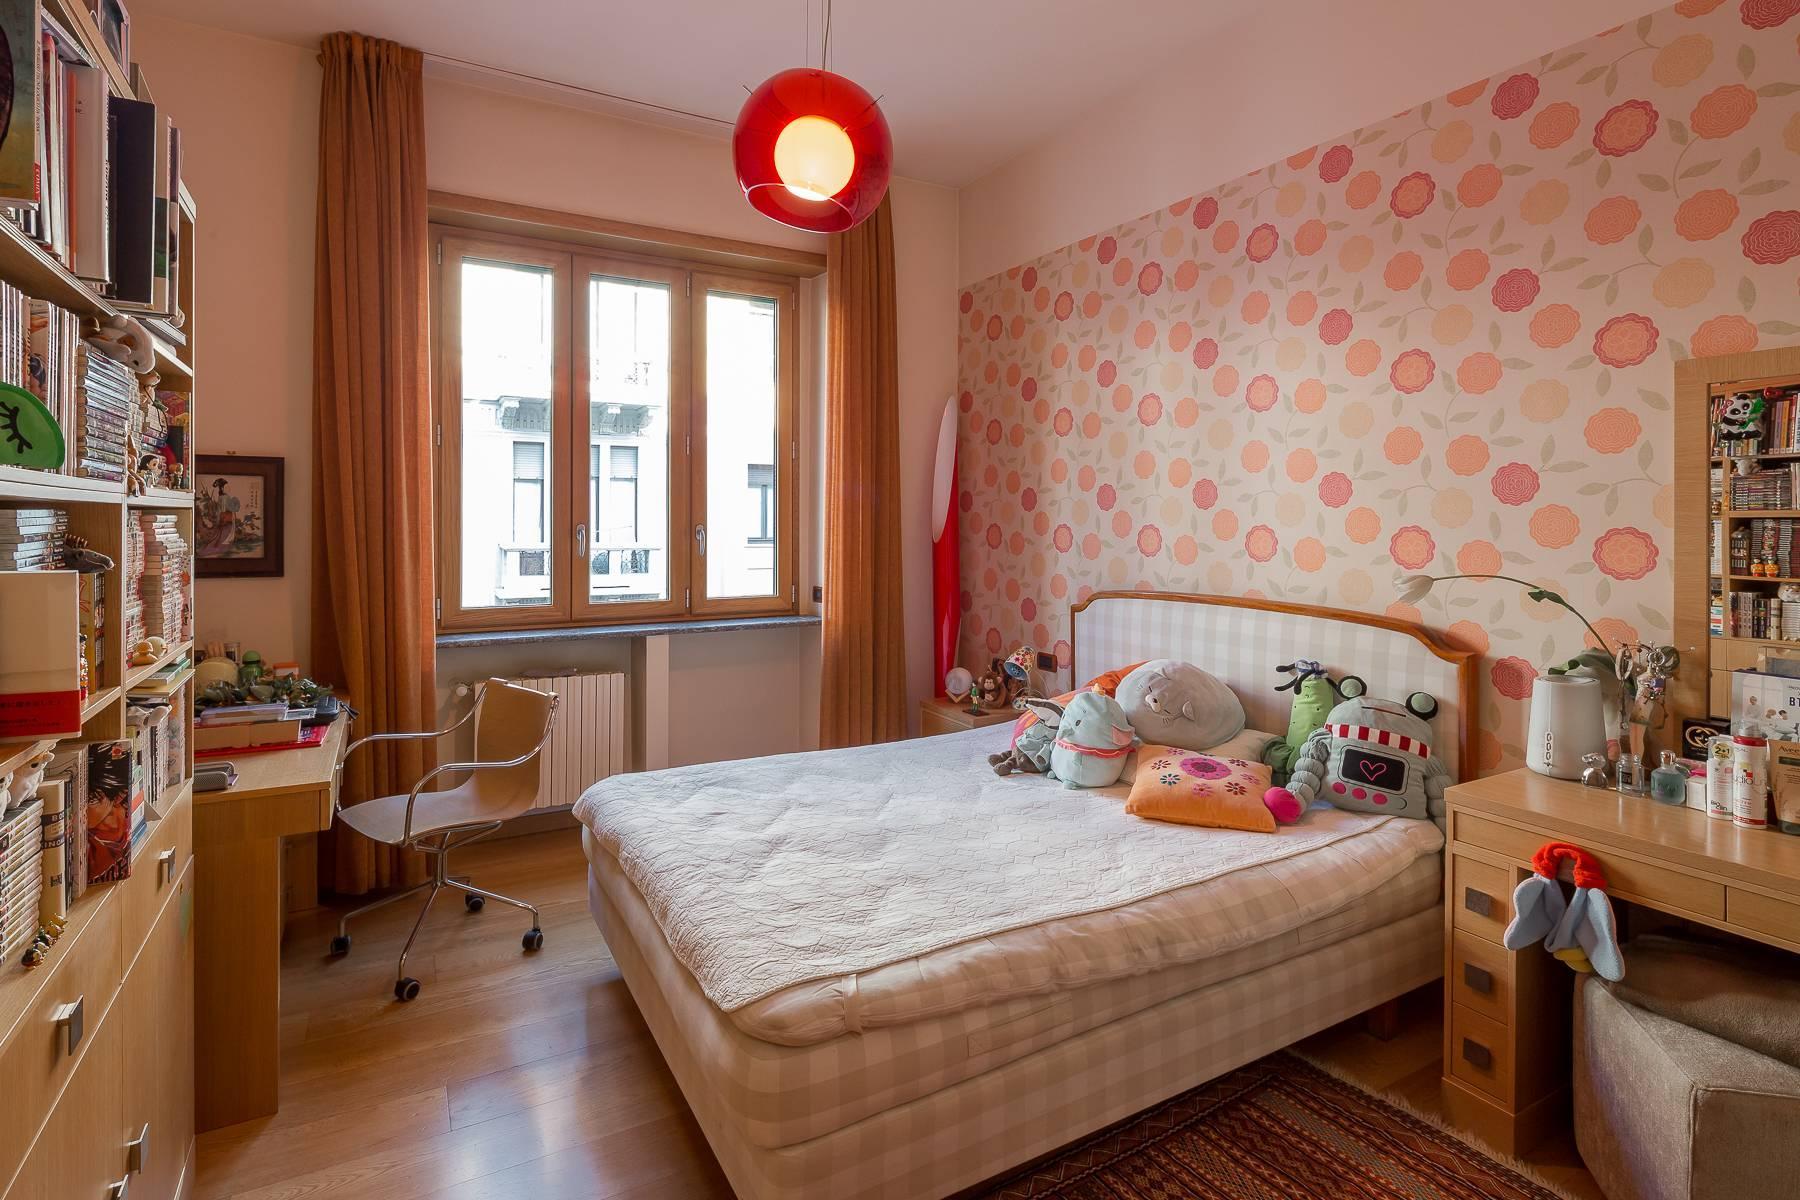 Appartement de style classique situé Via Besana - 11